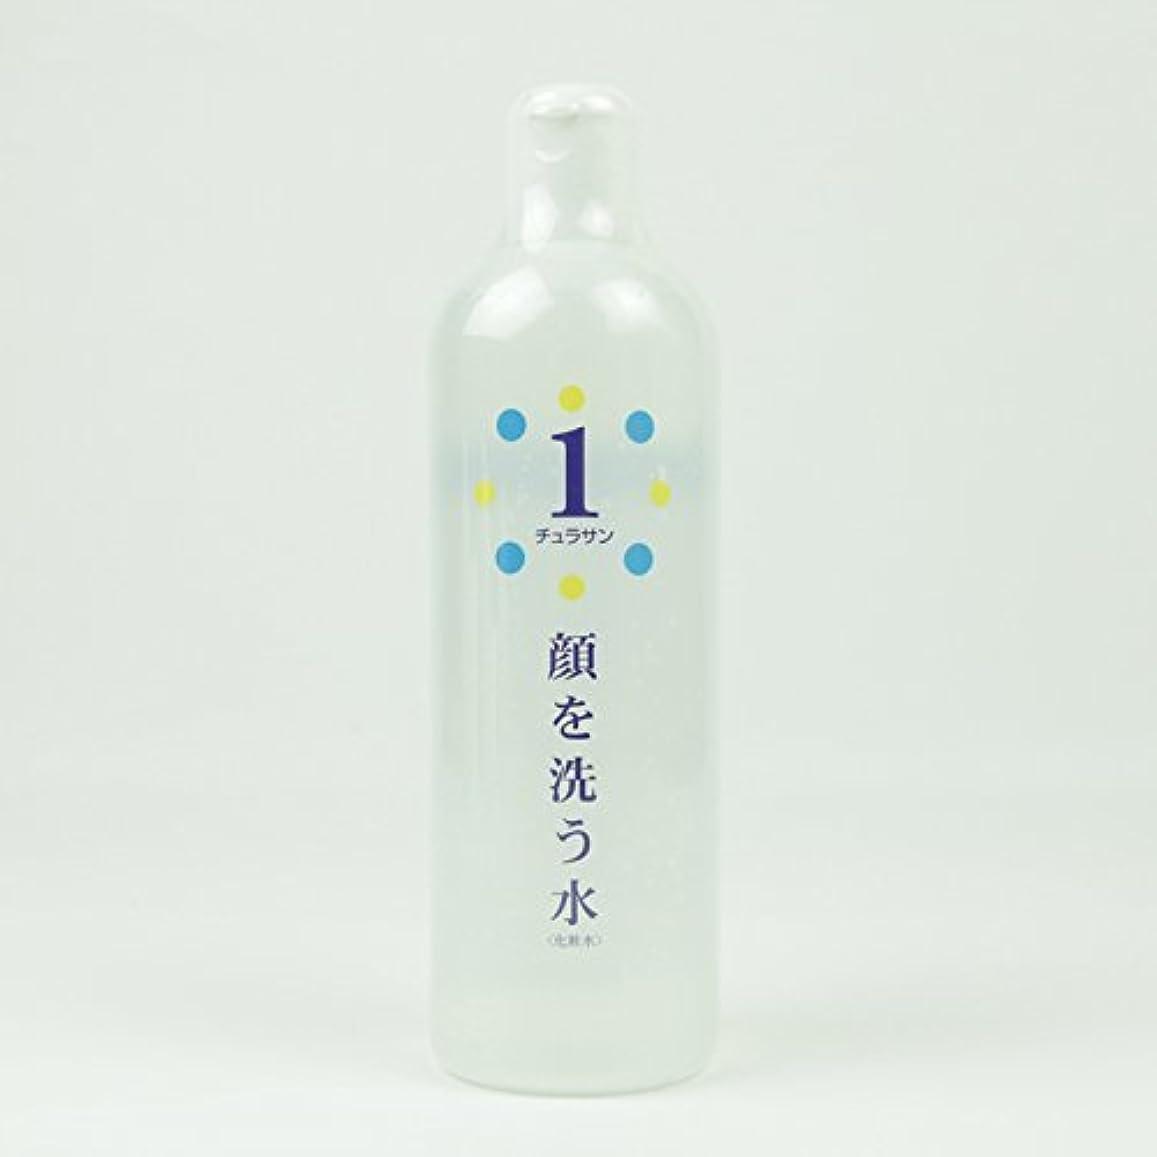 決して類似性幸運なことにチュラサン1 【顔を洗う水】 500ml